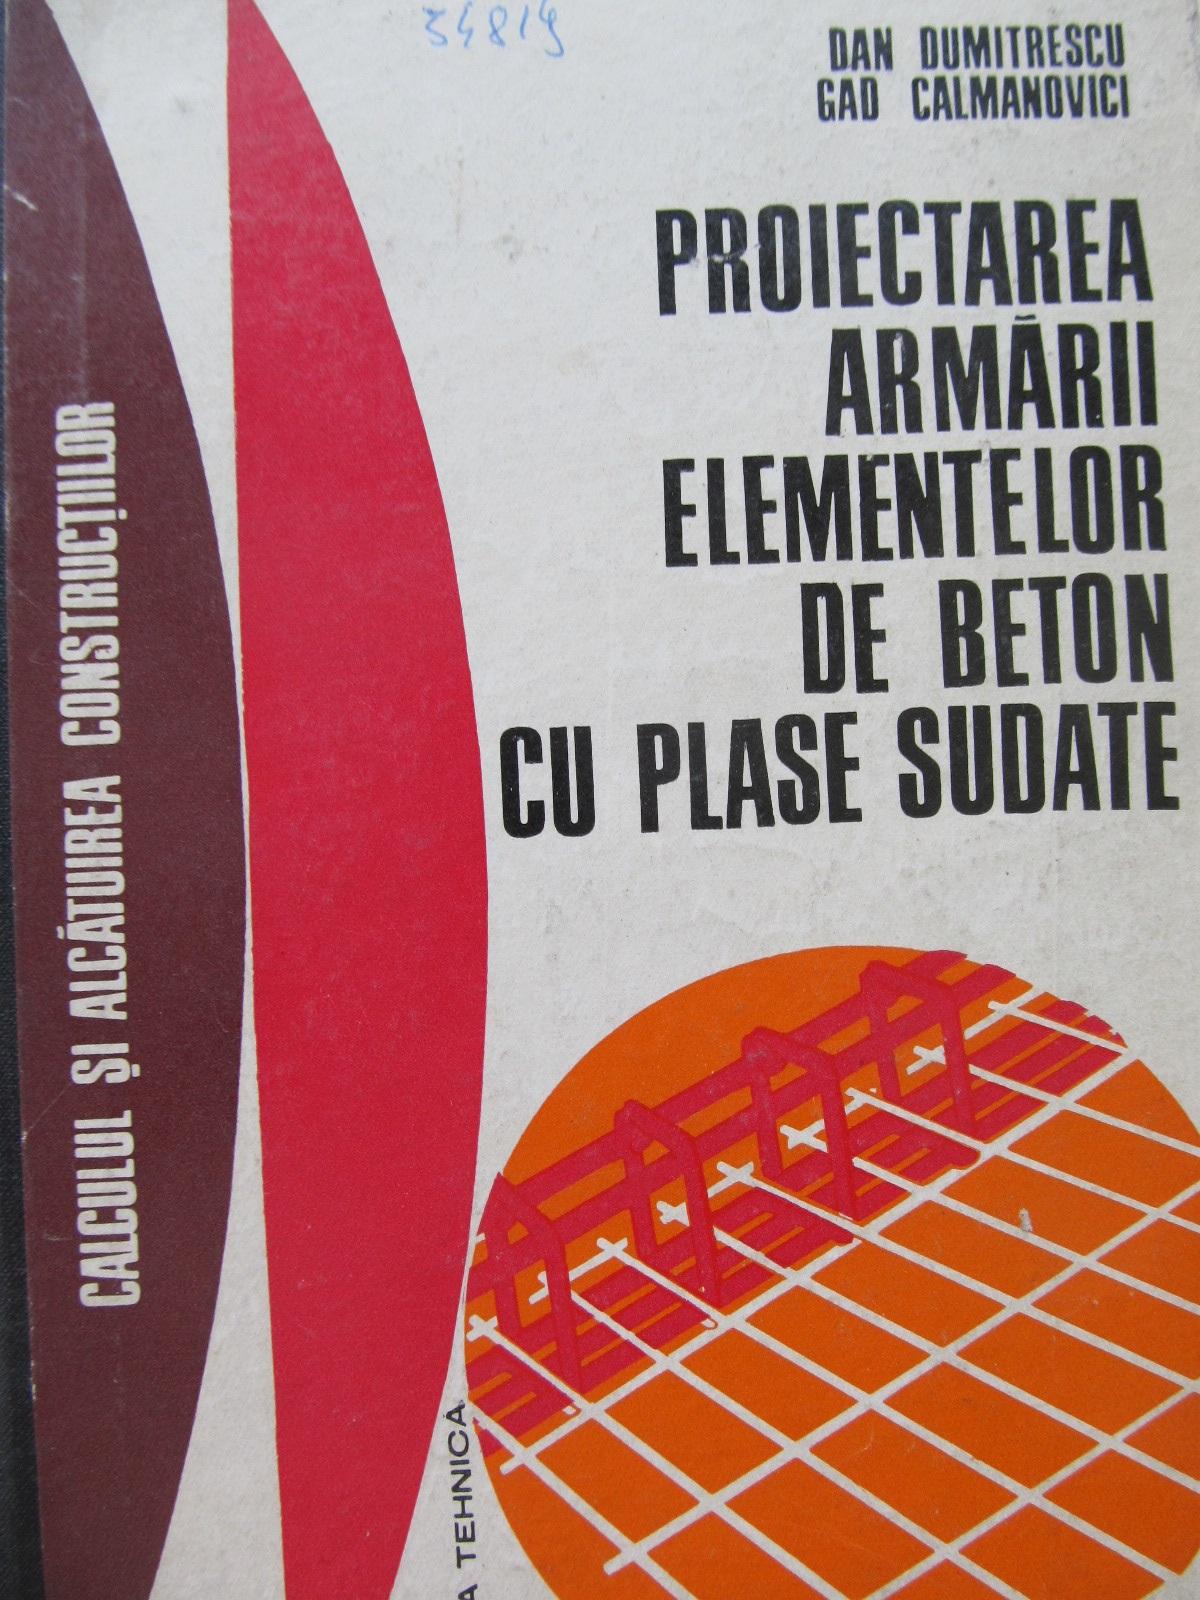 Proiectarea armarii elementelor de beton cu plase sudate - Dan Dumitrescu , Gad Calmanovici | Detalii carte